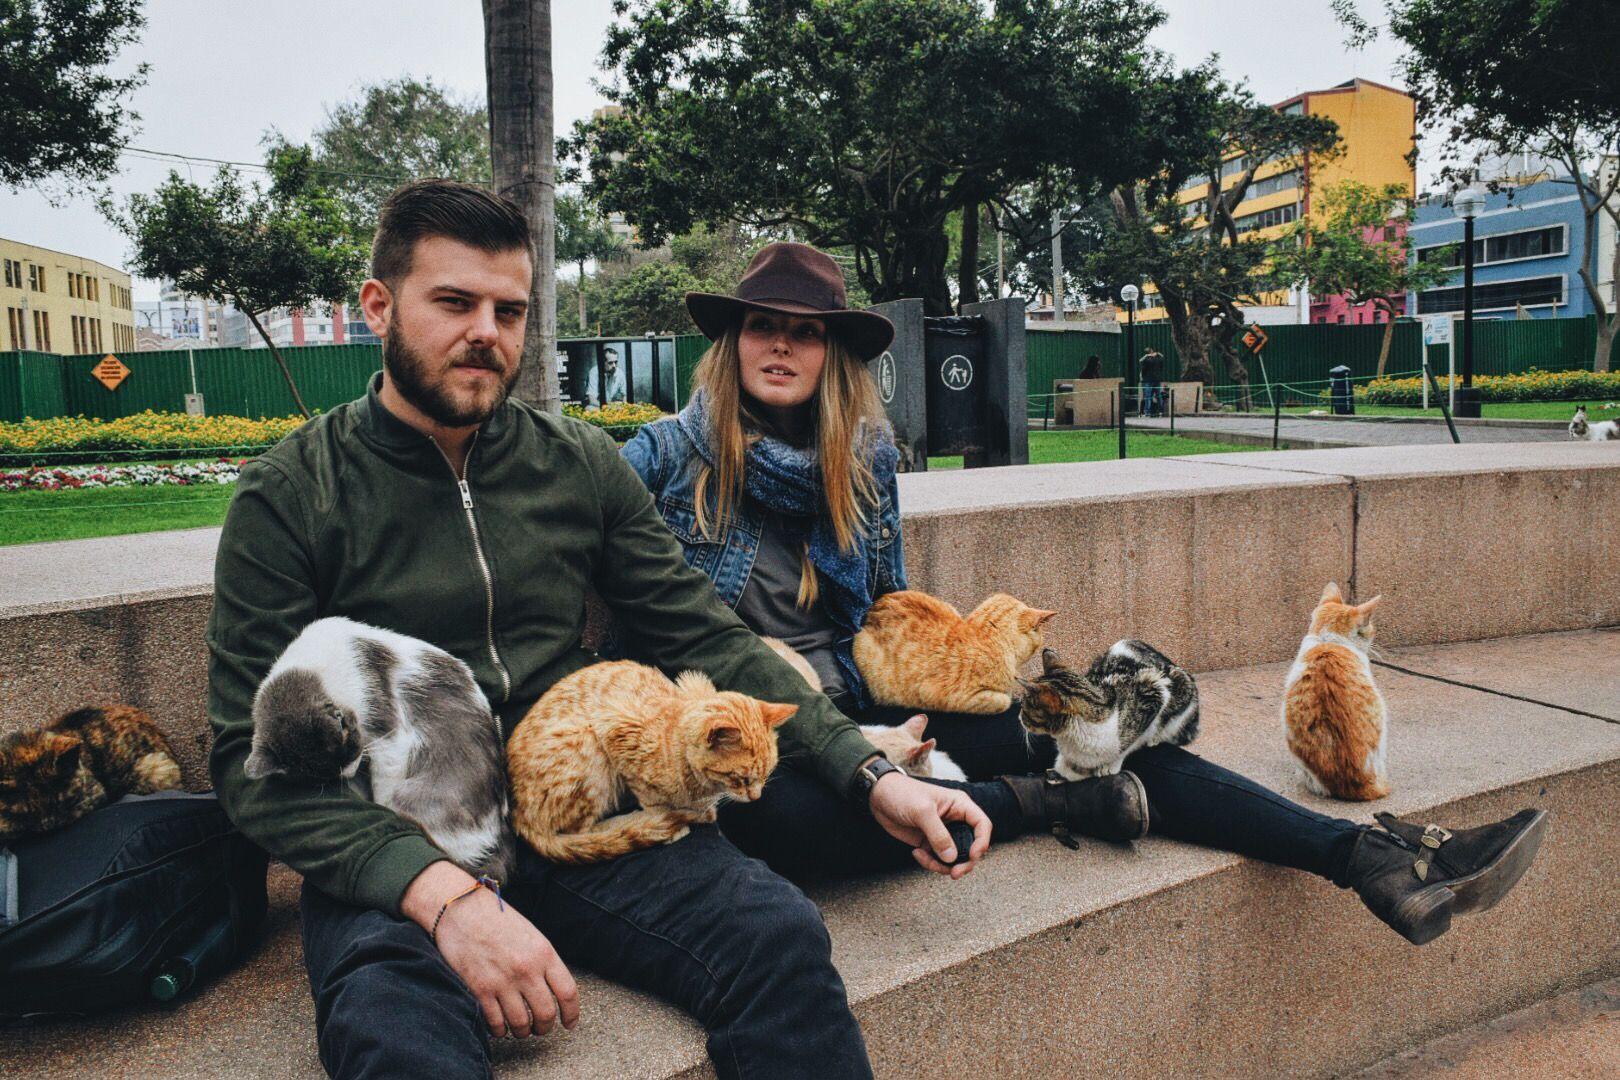 Cat naps Cat nap, Lots of cats, Beautiful park